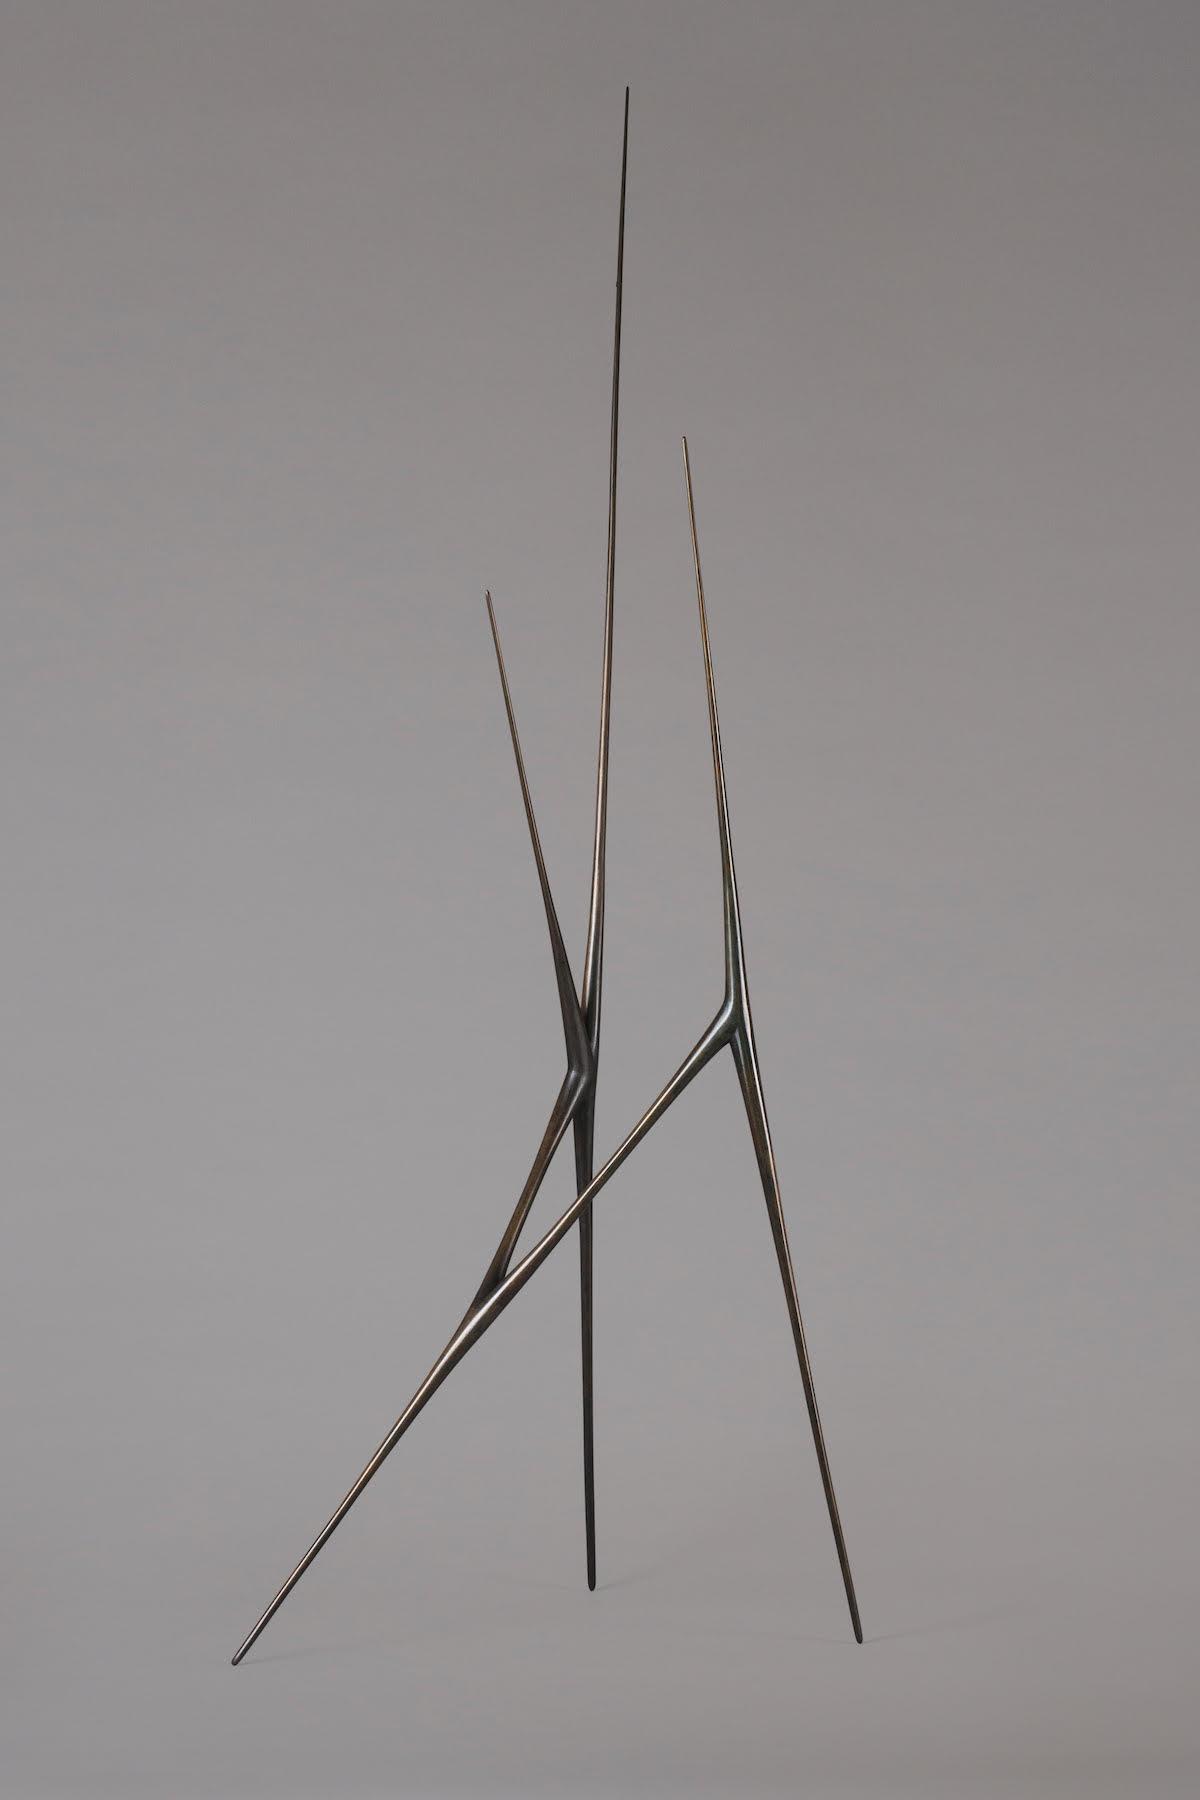 Bronze Allonge, a sculpture by artist Christopher Kurtz